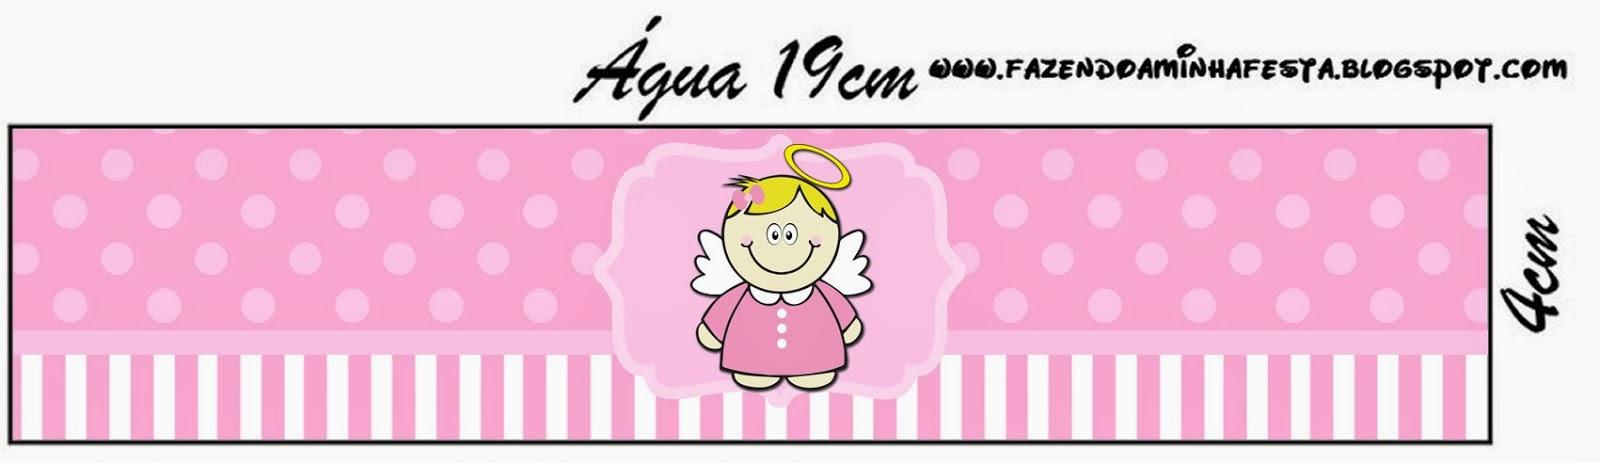 Bautismo Angelita Rubia Etiquetas para Imprimir Gratis  Ideas y